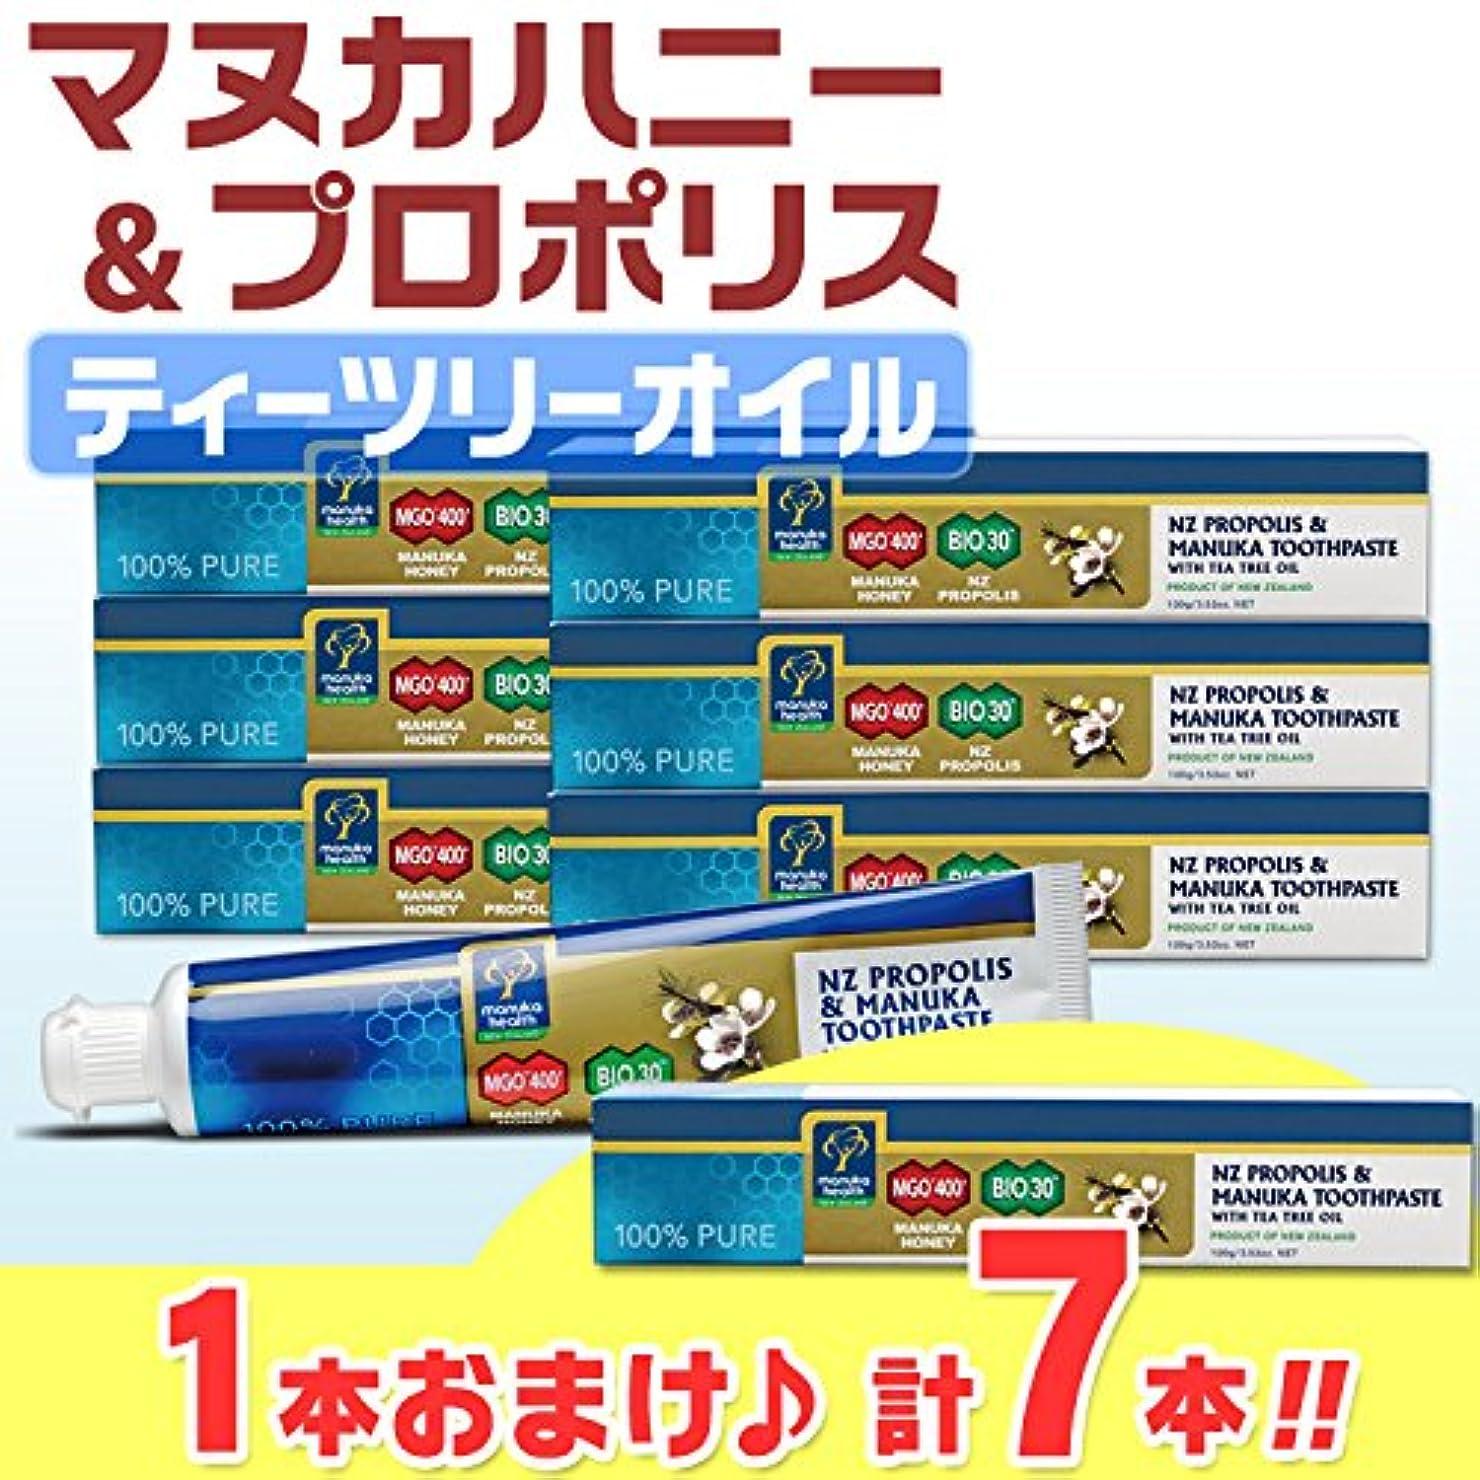 ほぼ満足させる含むプロポリス&マヌカハニー MGO400+ ティーツリーオイル 歯磨き粉 [100g]◆6本+1本増量 計7本セット◆青